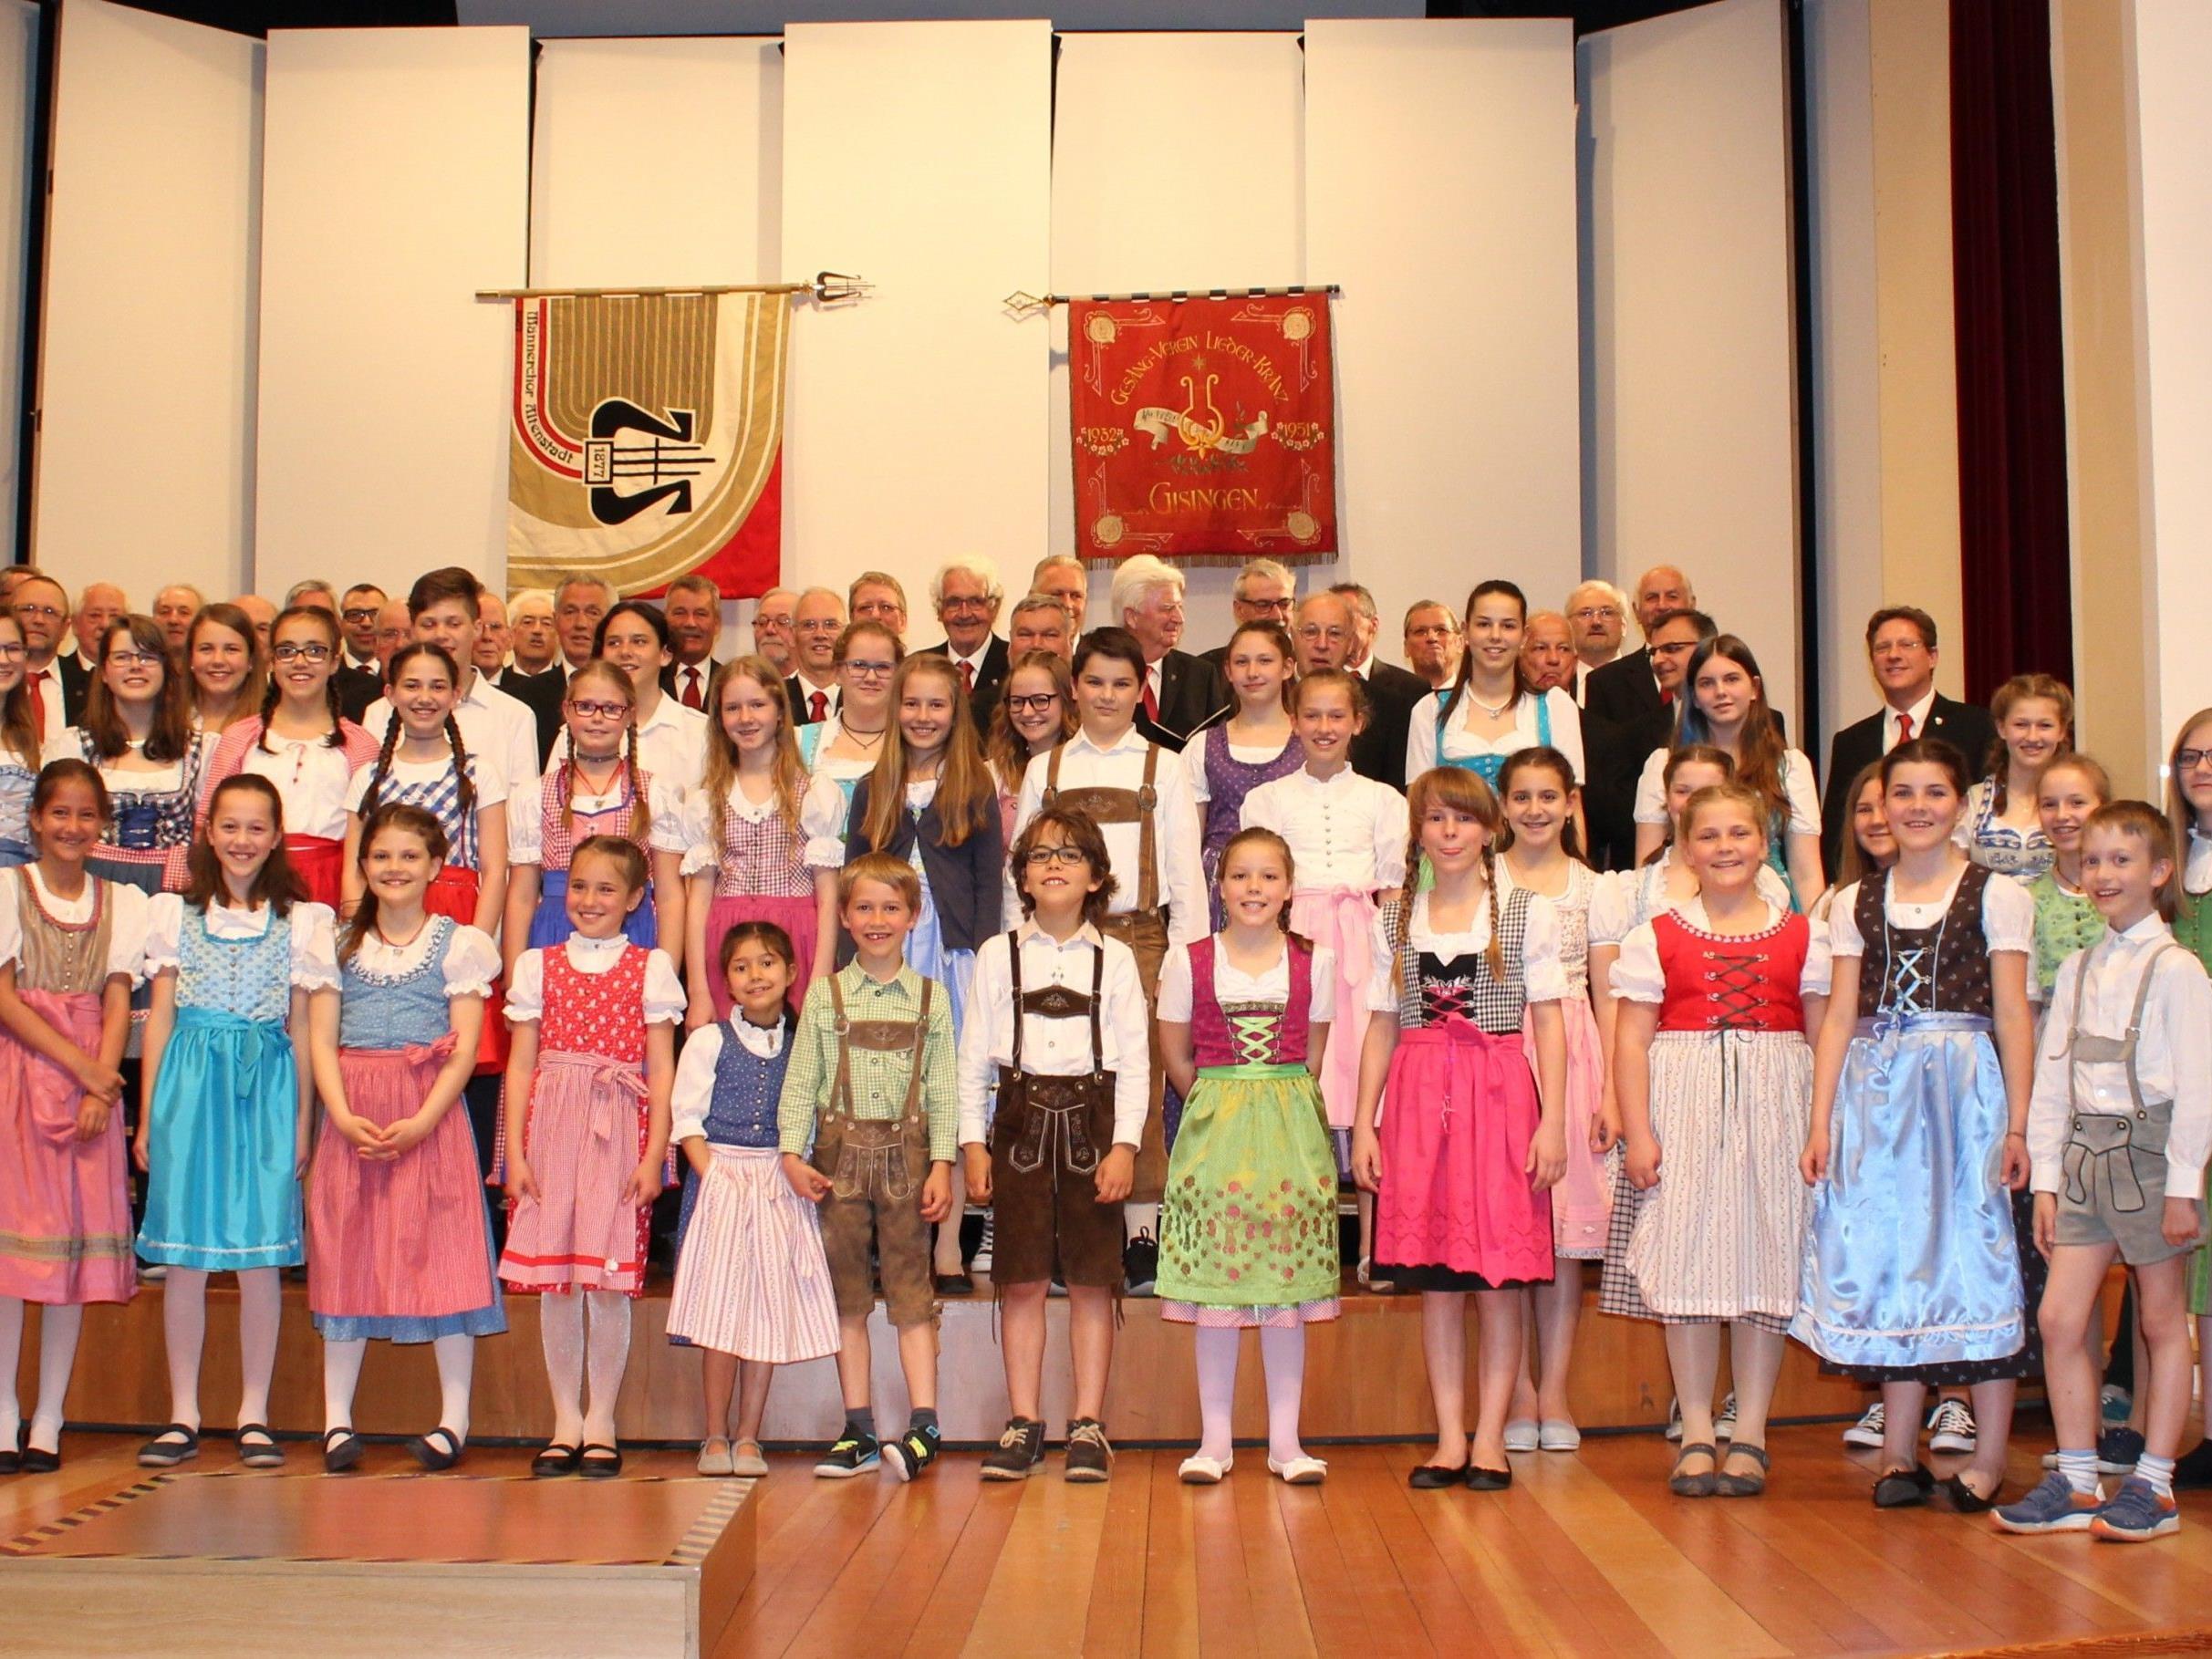 Der Liederkranz Feldkirch mit dem Landeskindeskinderchor beim Jubikäumskonzert